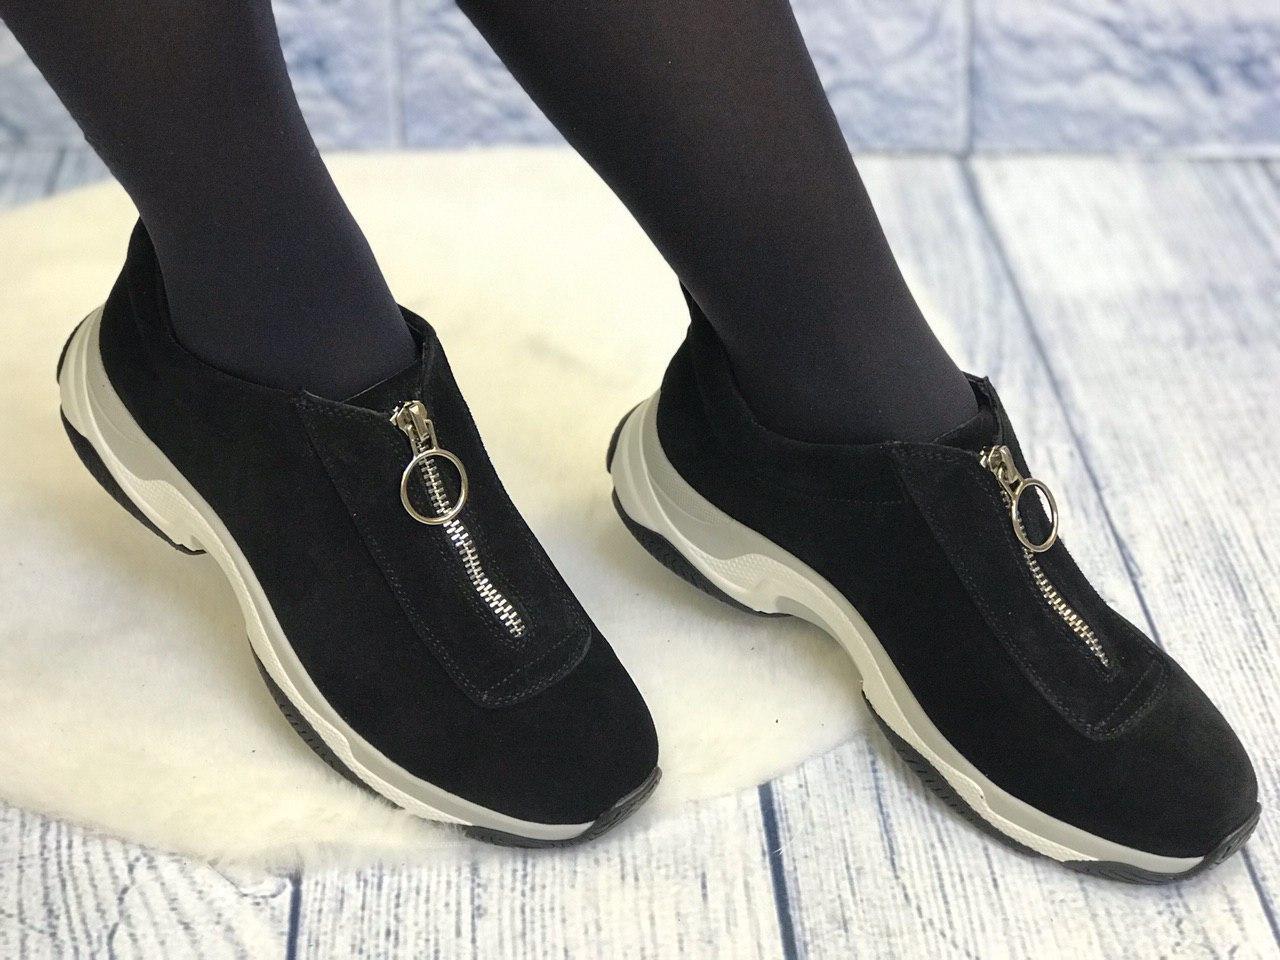 Черные замшевые кроссовки без шнурков на молнии женские весна лето осень кожа или замш размеры 36-41